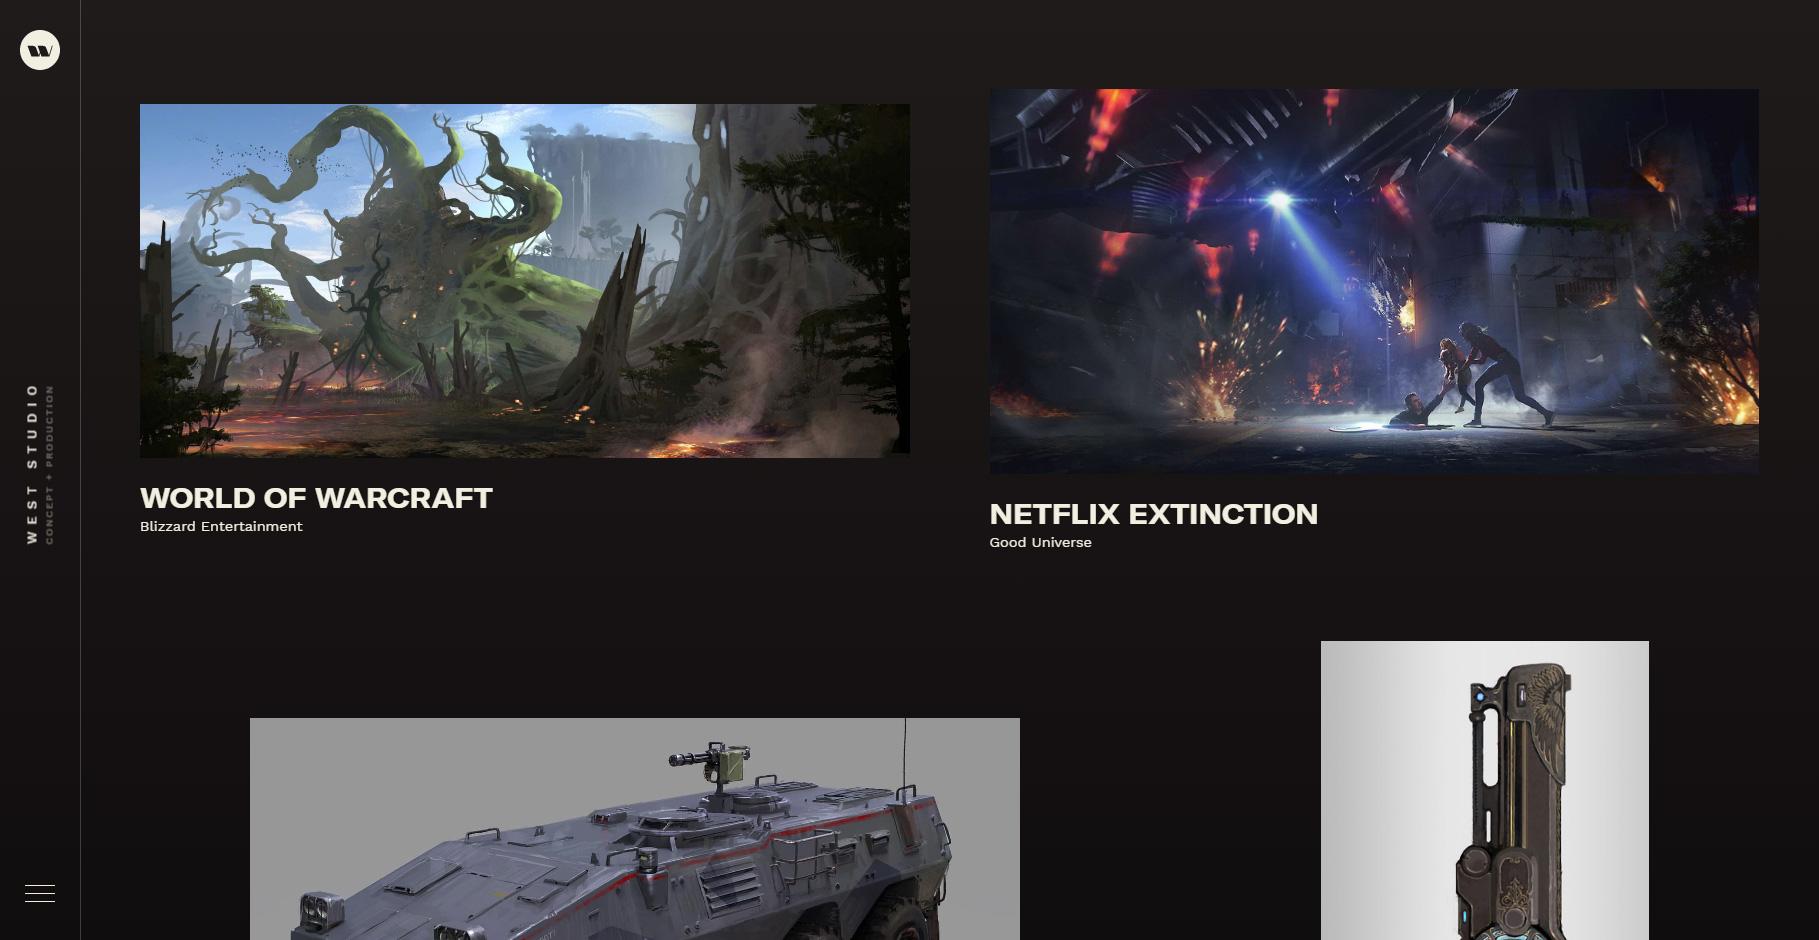 West Studio - Website of the Day